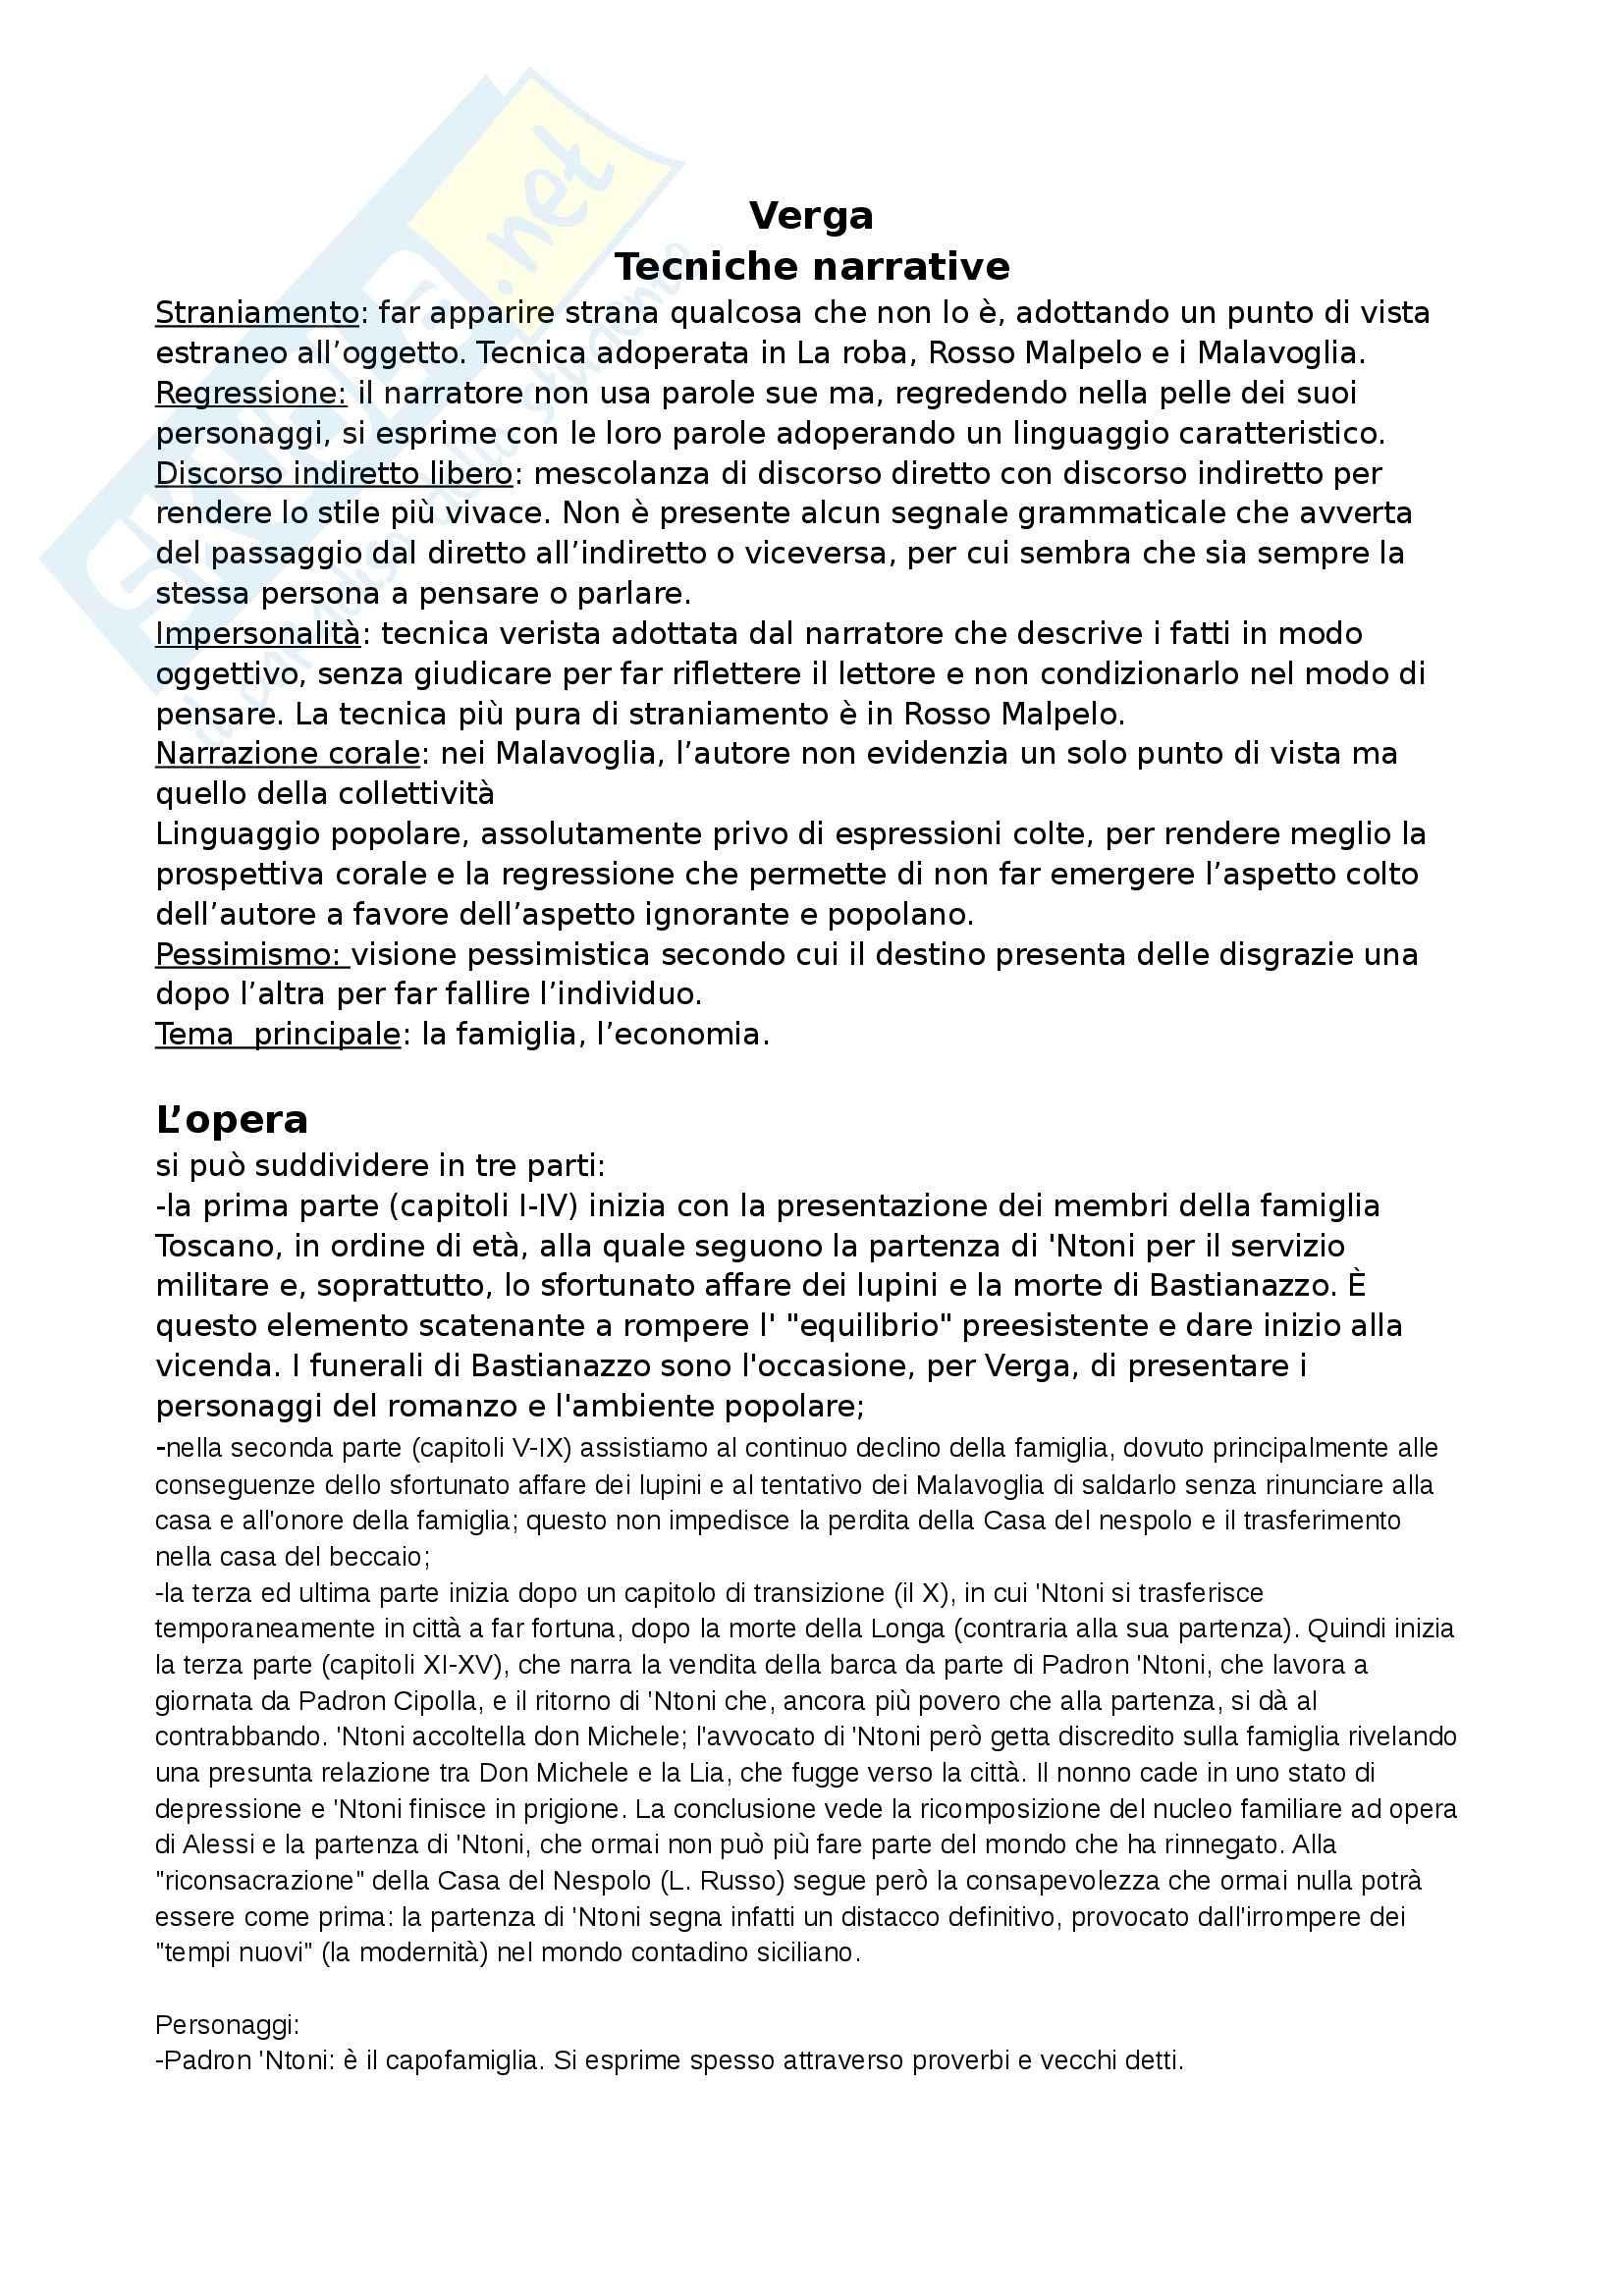 Letteratura italiana moderna e contemporanea - tecniche narrative verga